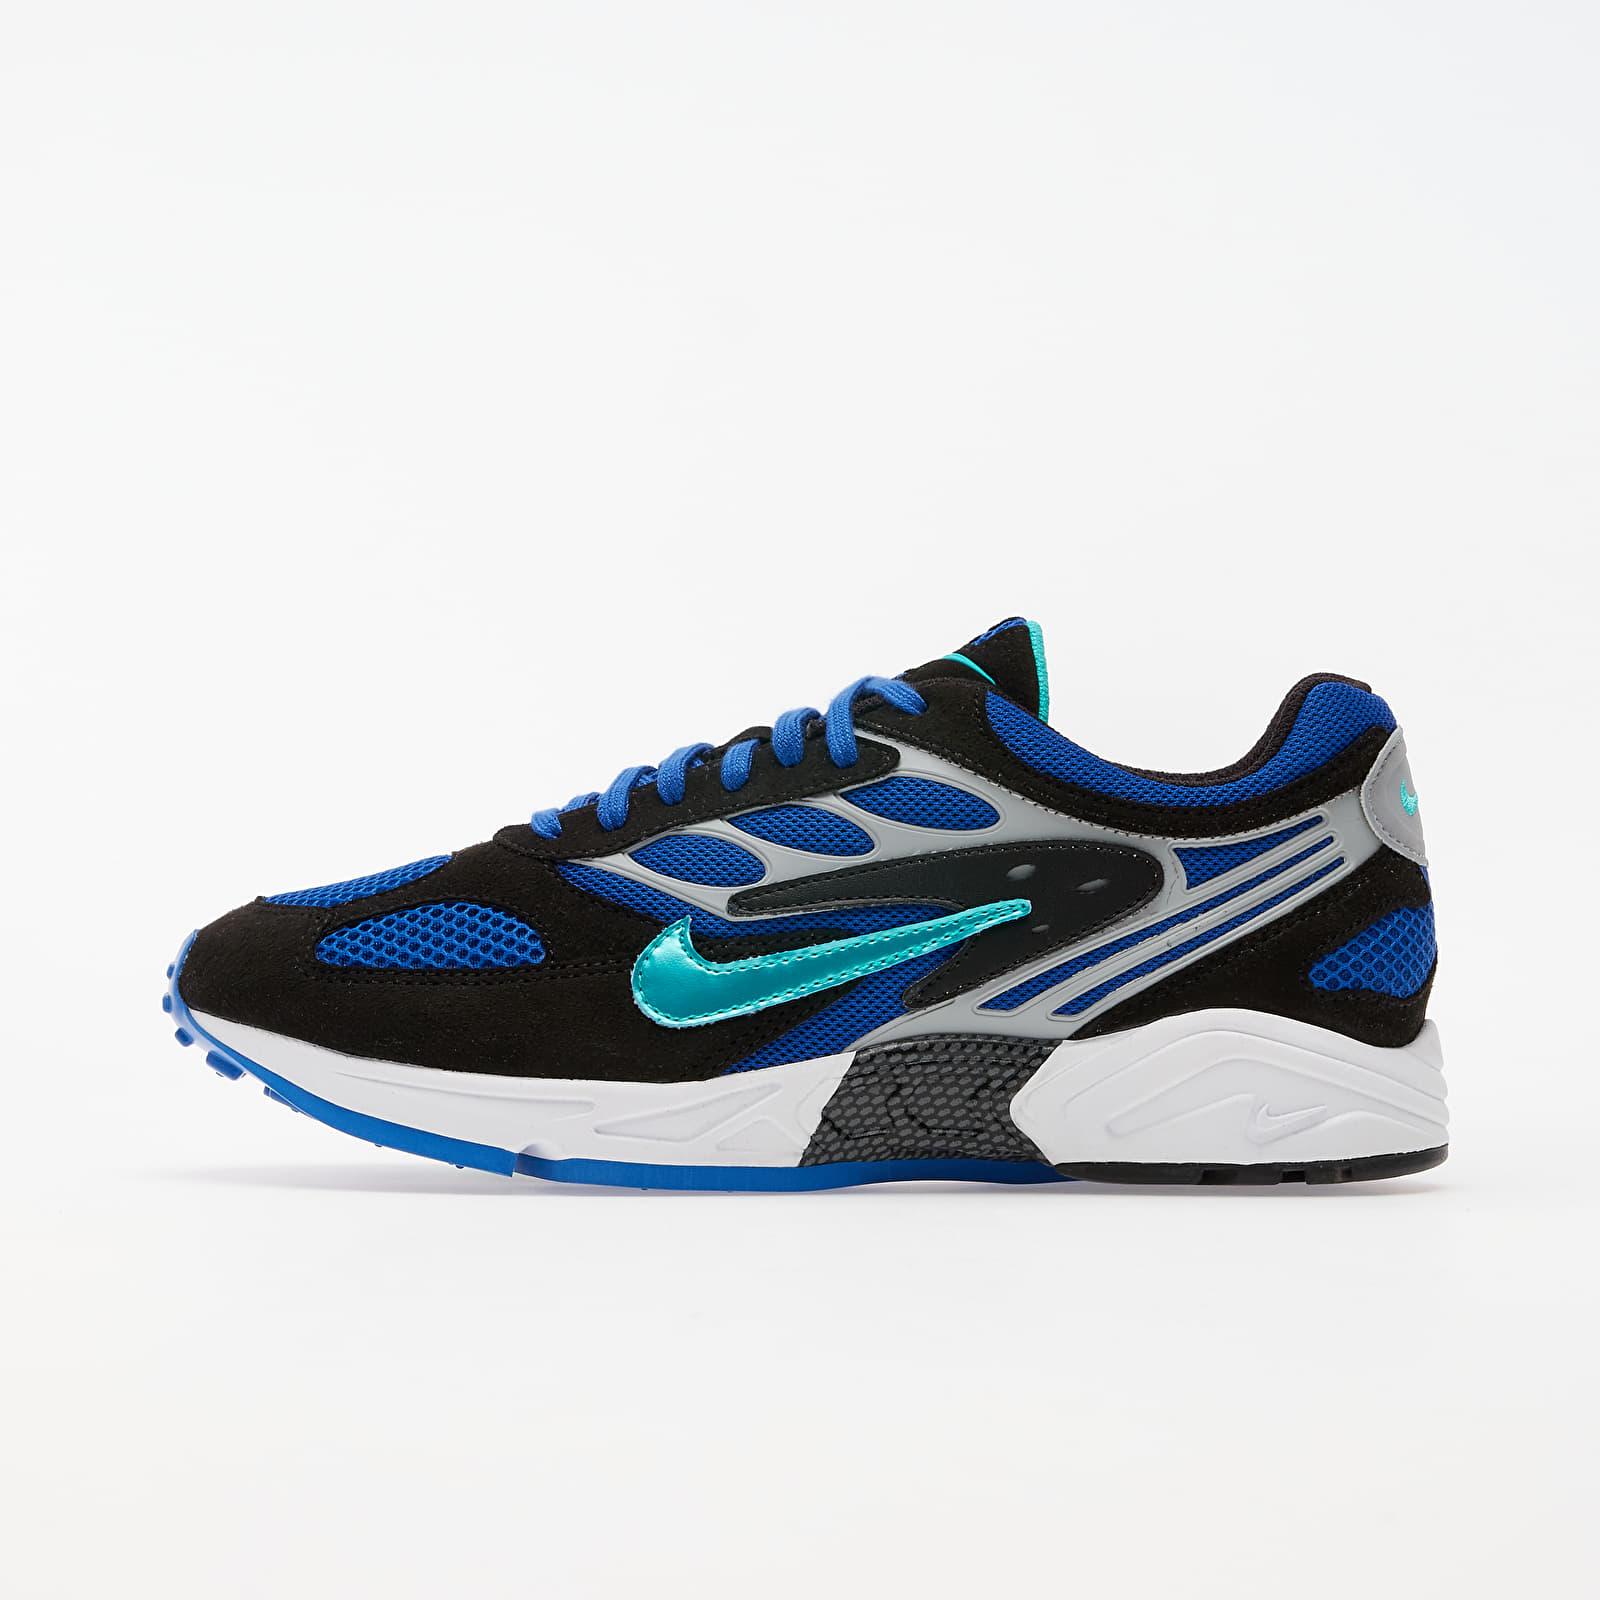 Muške tenisice Nike Air Ghost Racer Black/ Hyper Jade-Racer Blue-Wolf Grey